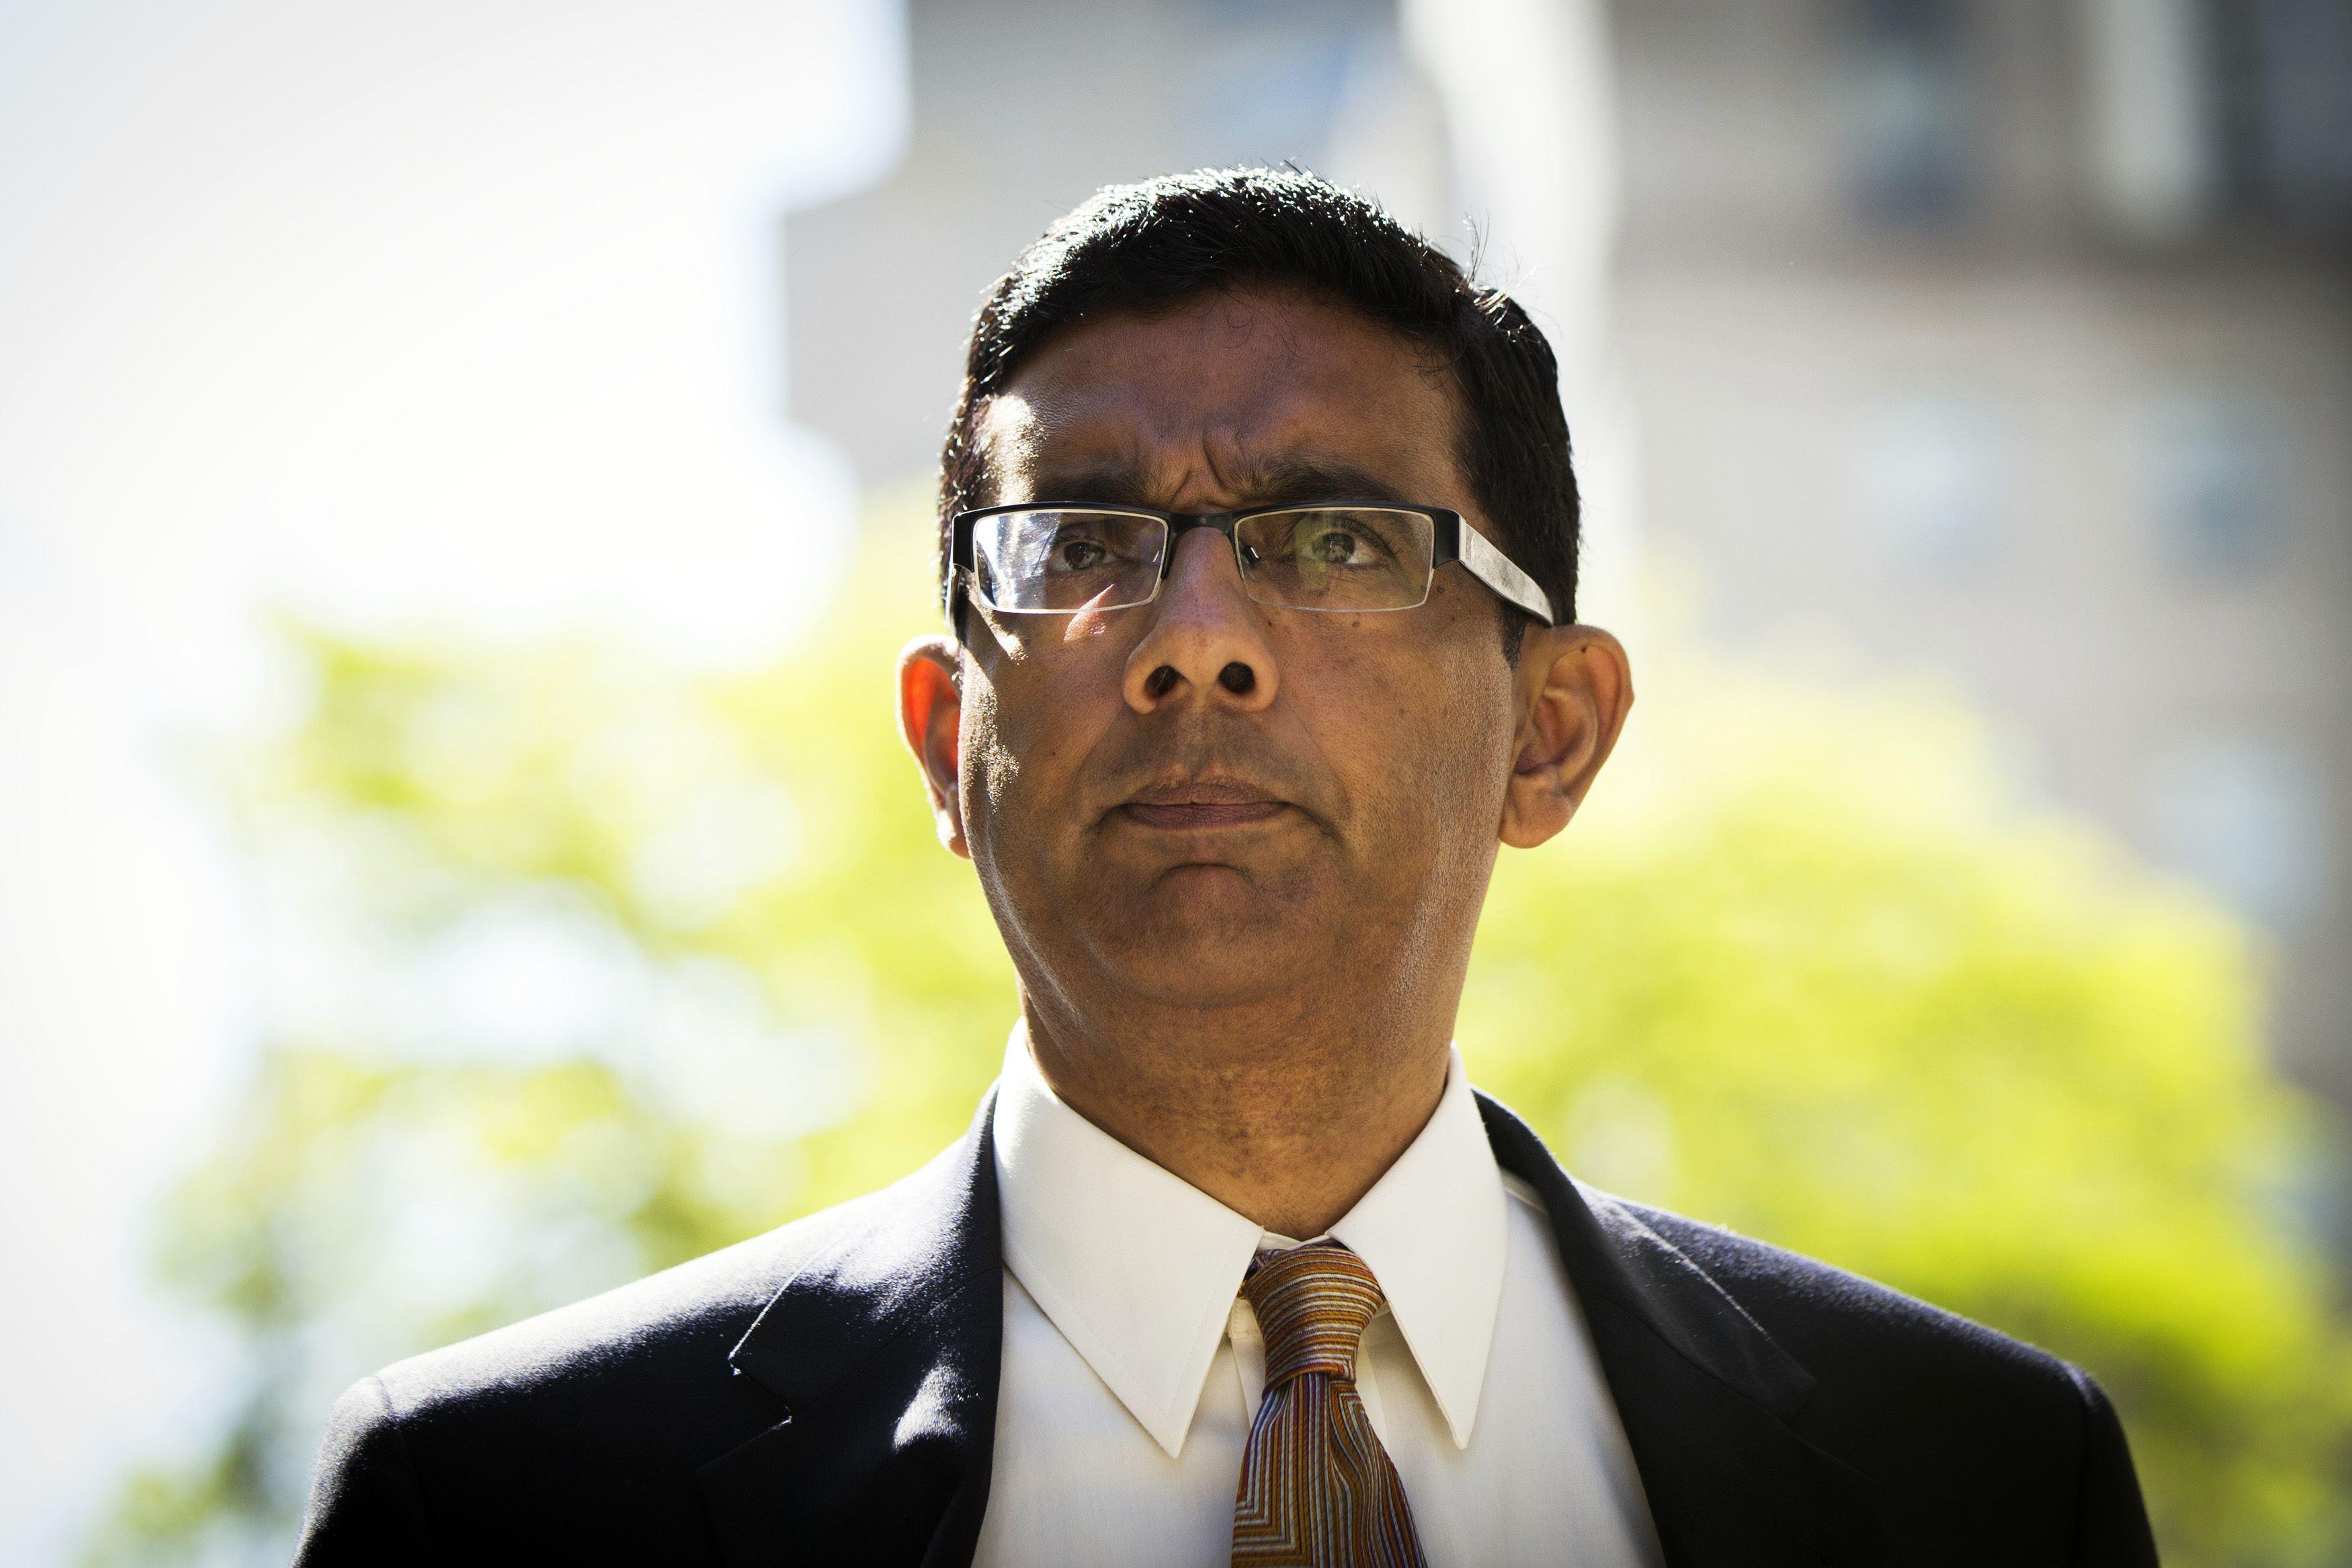 D'Souza Gets Community Confinement for Election Law Violation